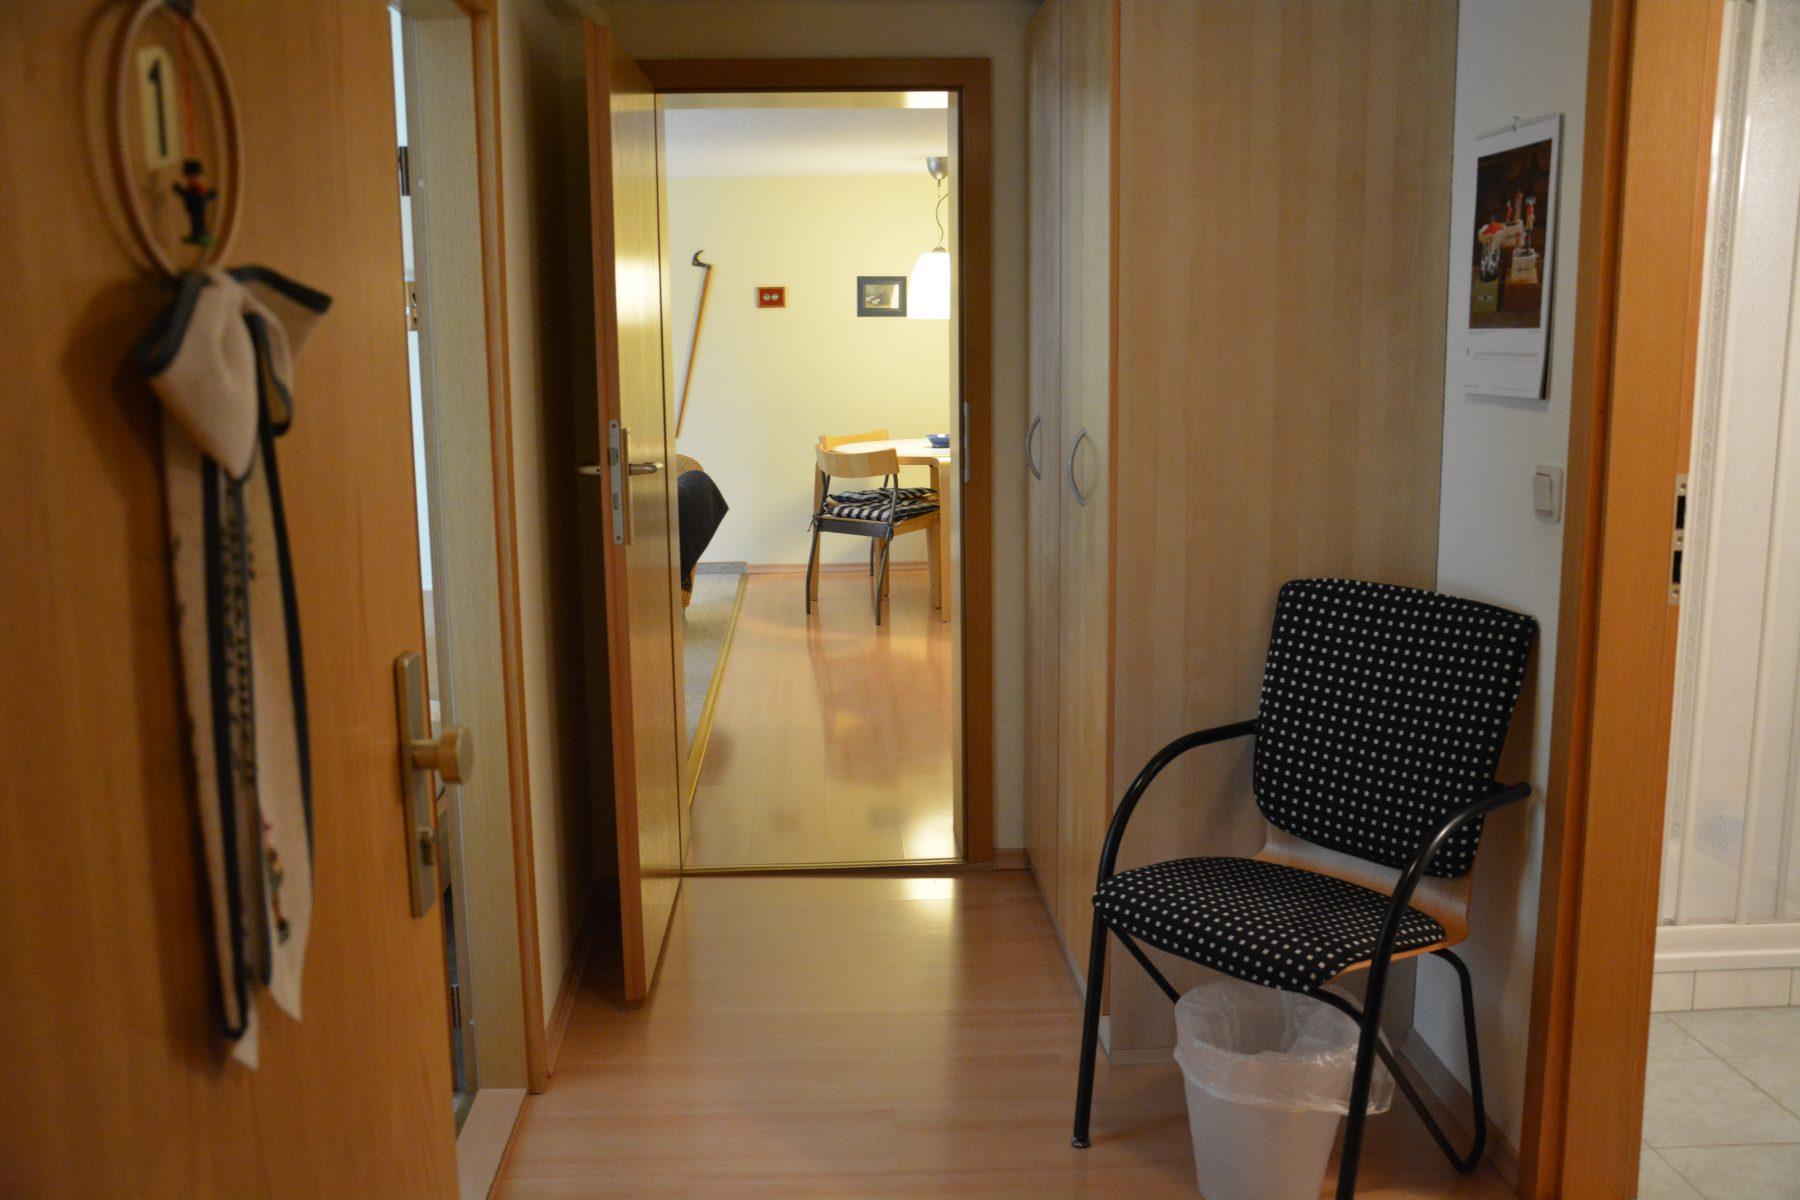 Ferienwohnung im Verlegerhaus Seiffen Kategorie N1a Detail Korridor Küche